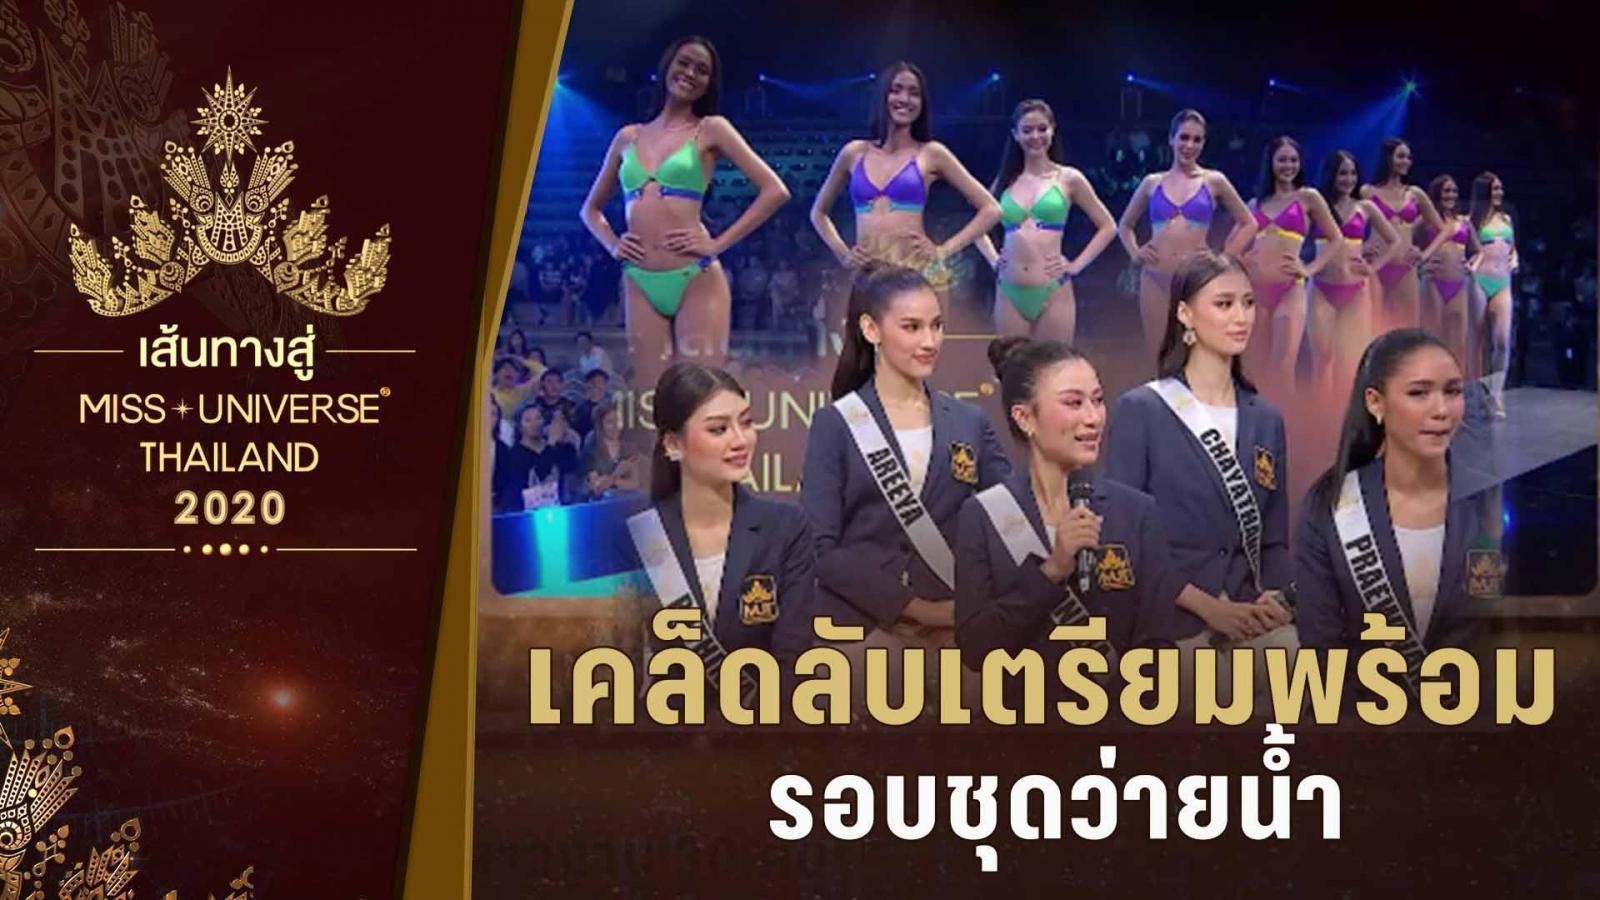 เส้นทางสู่ Miss Universe Thailand 2020   ทริคฟิตหุ่นให้เซี๊ยะ ของสาวงาม MUT 2020 รอบชุดว่ายน้ำ